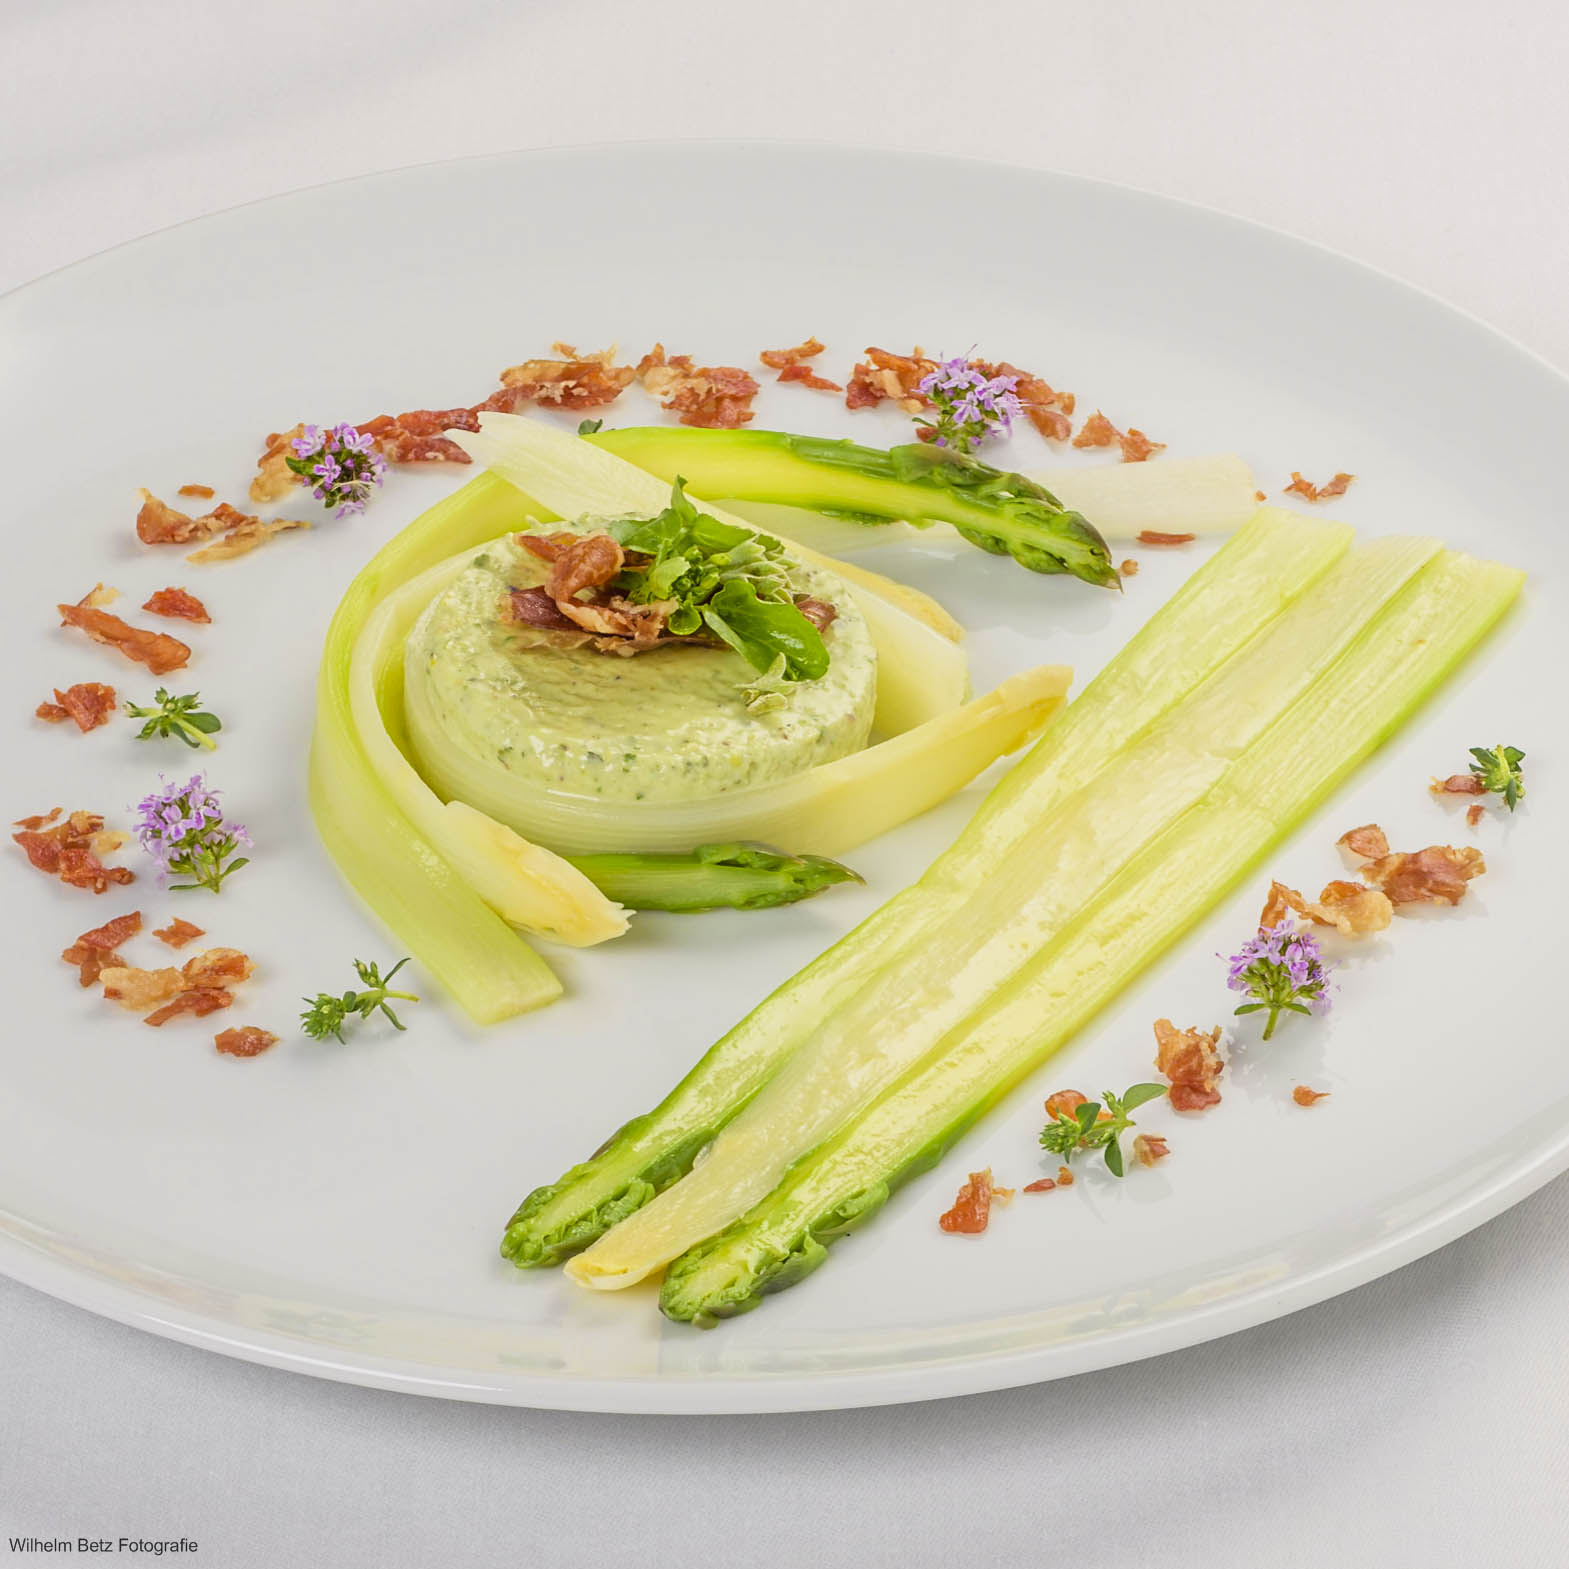 Asparagi bianco e verde con crema pistacchio